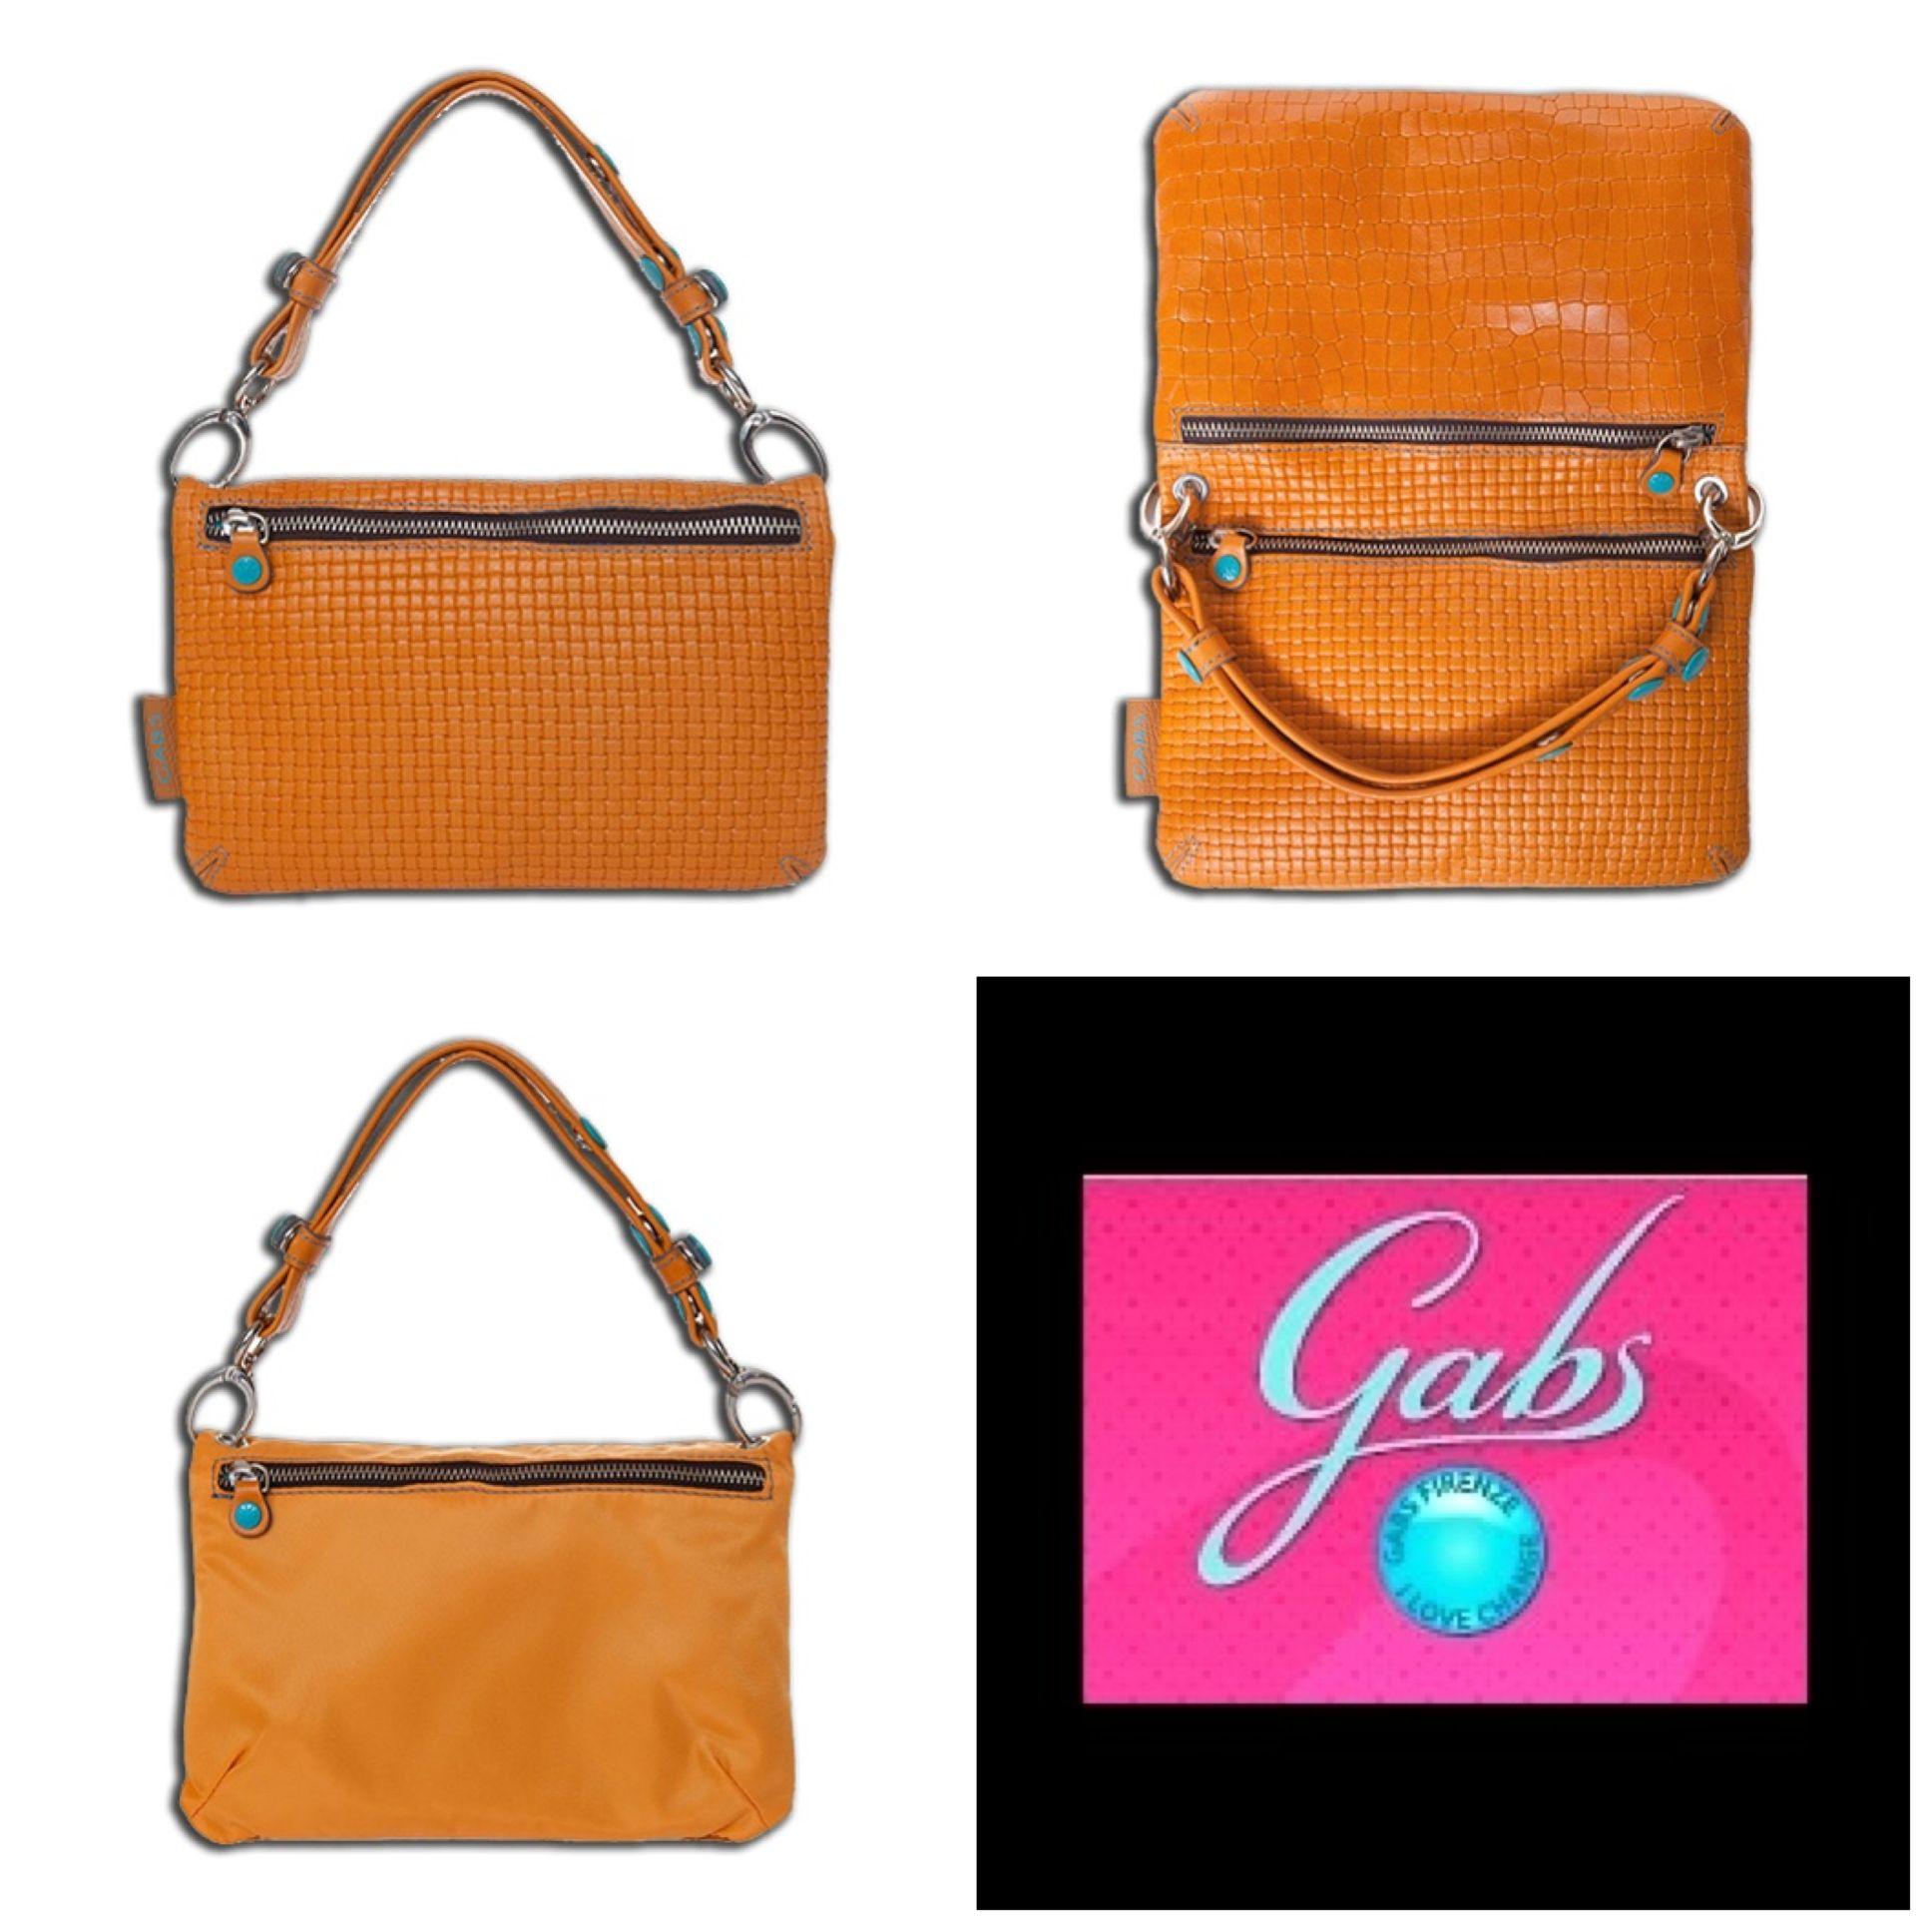 Gabsin sähäkän oranssi Bianca-laukku